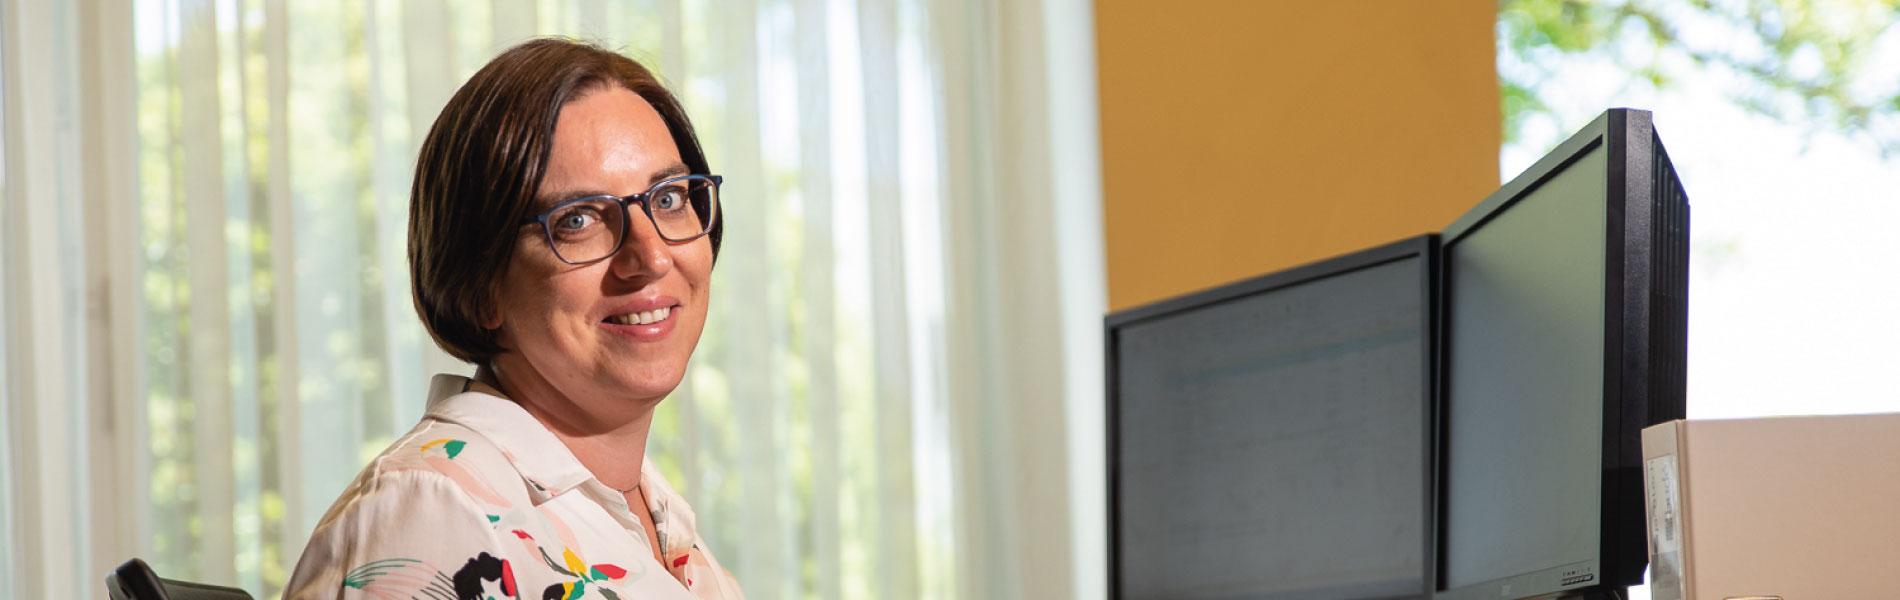 Kim Breuls - Evers officemedewerkster inkoop